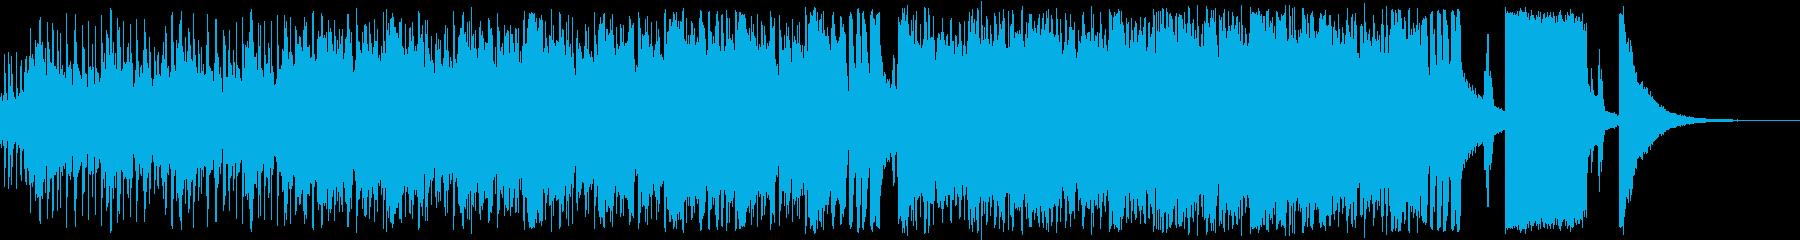 疾走感のあるビッグバンドジャズの再生済みの波形